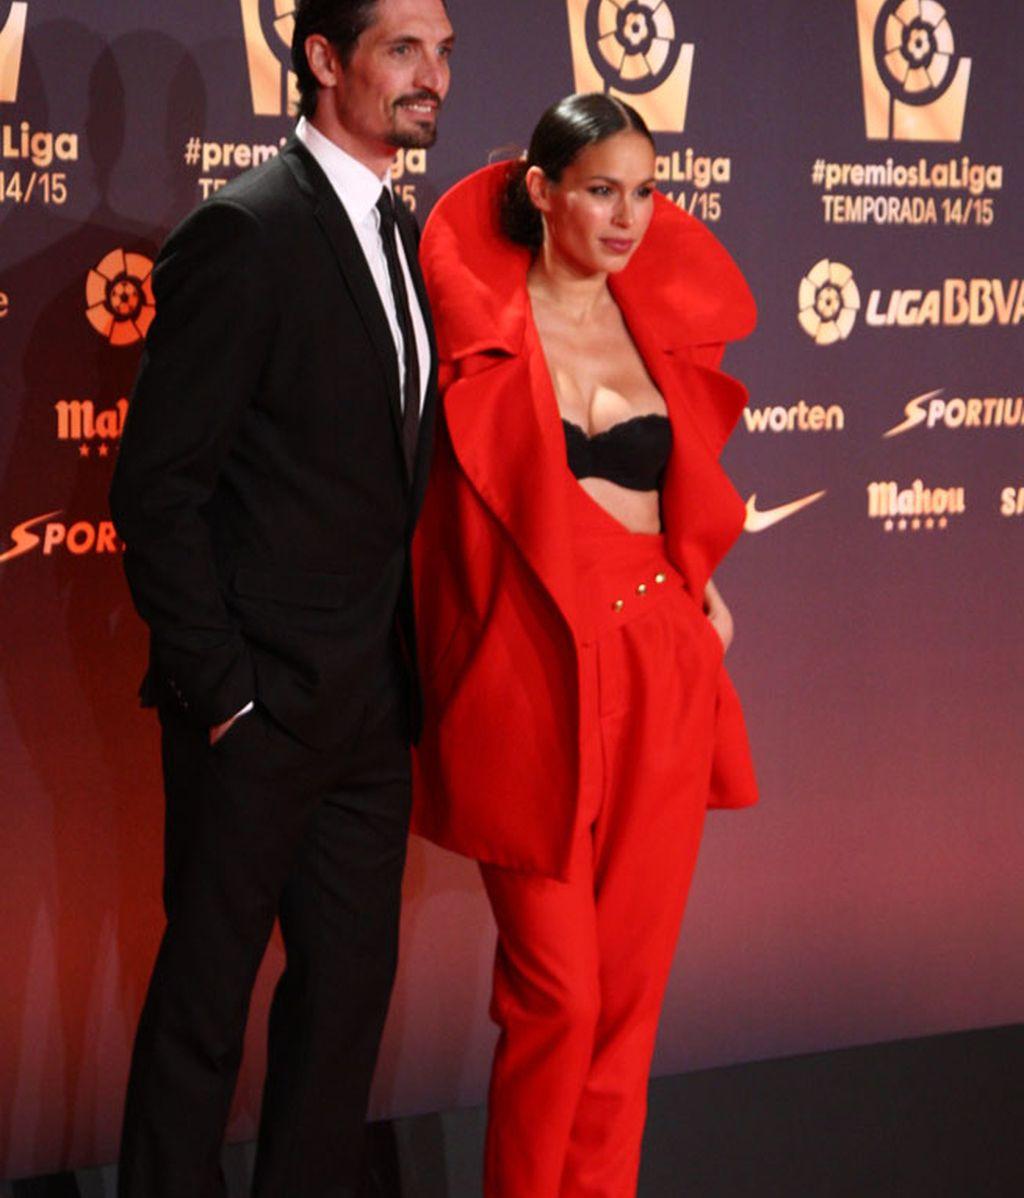 Felipe López y Mireia Canalda de rojo con escotazo 'todo-bra'